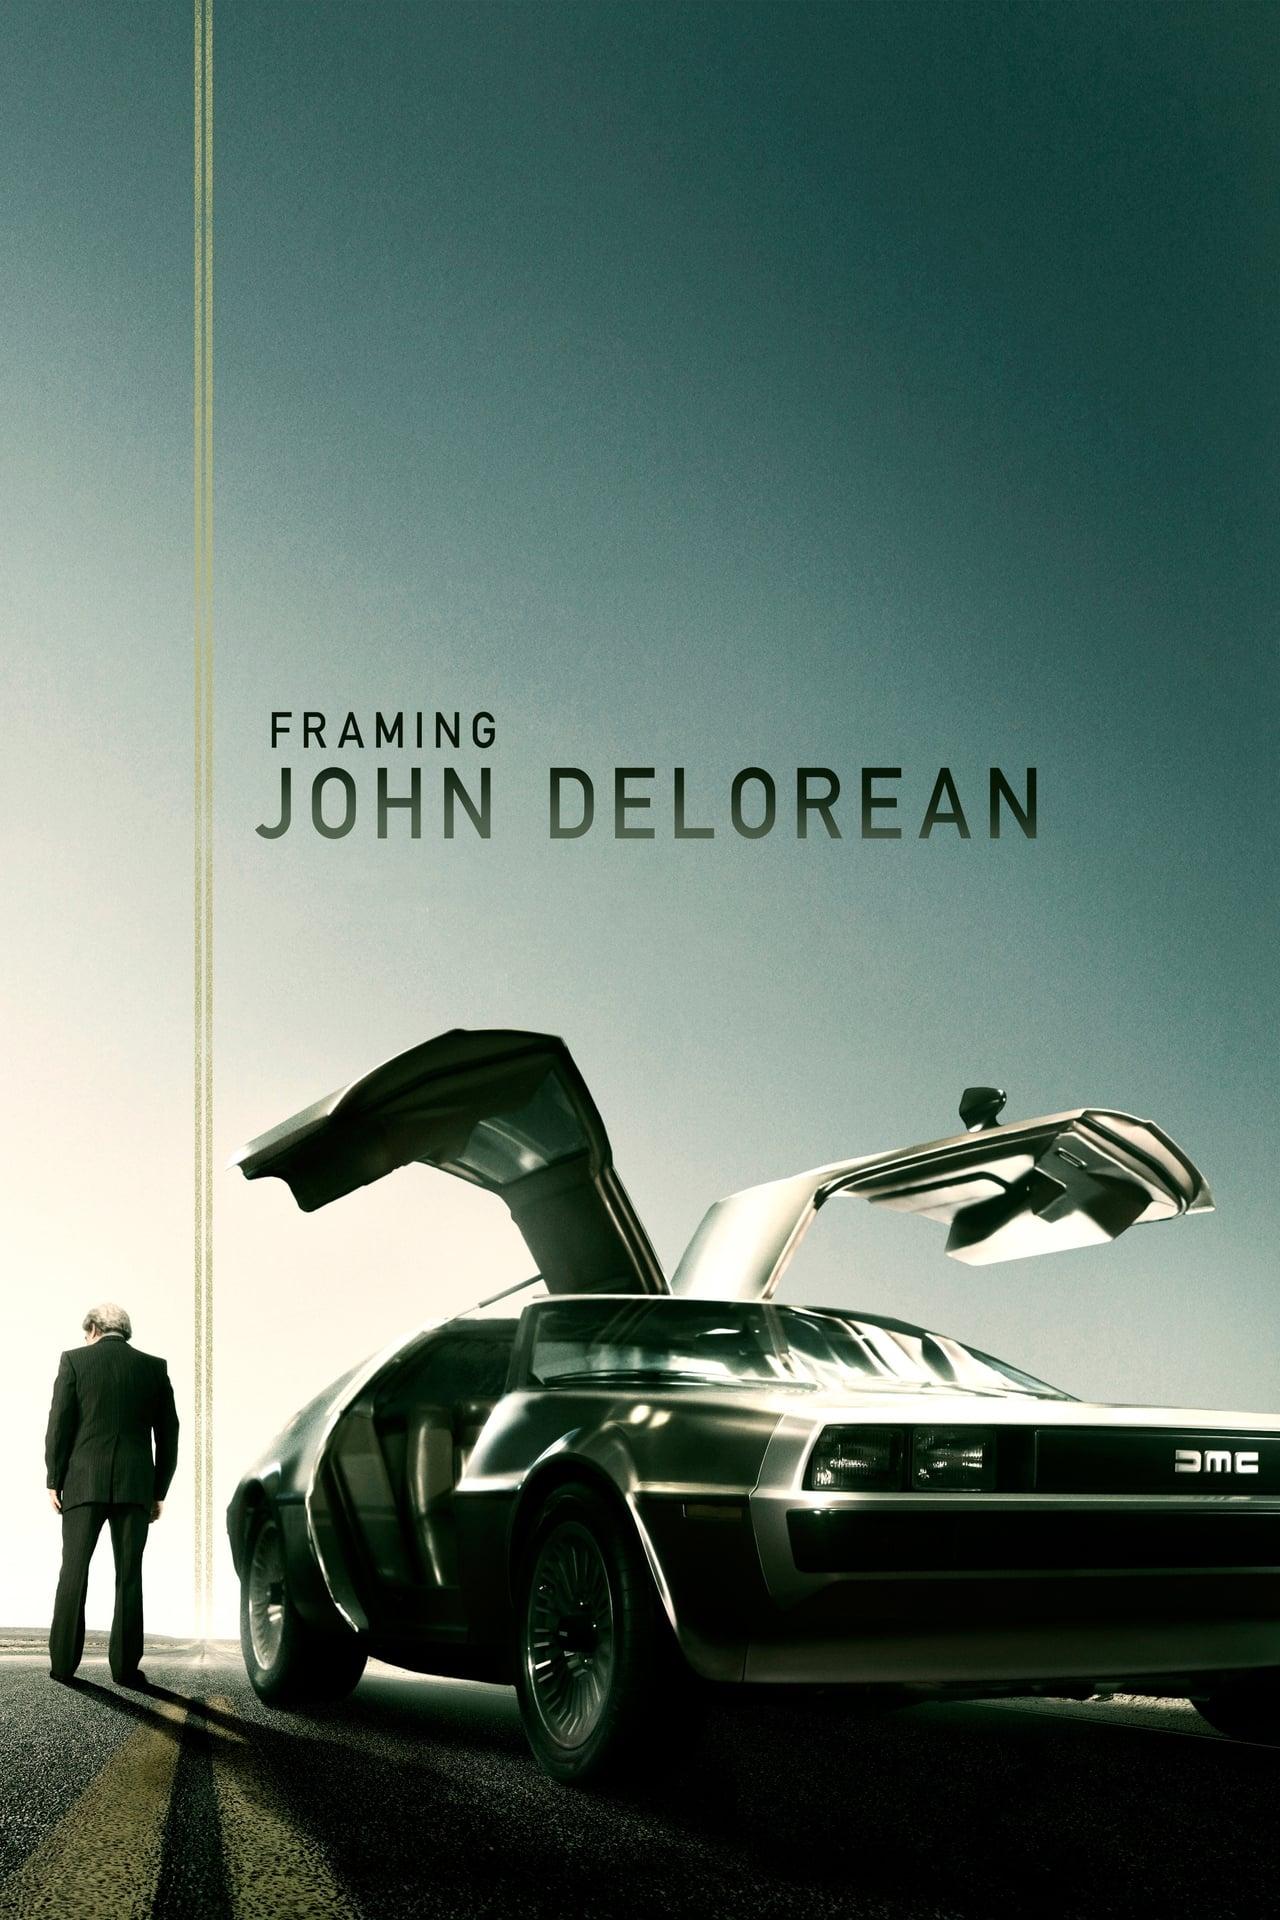 Framing John Delorean image